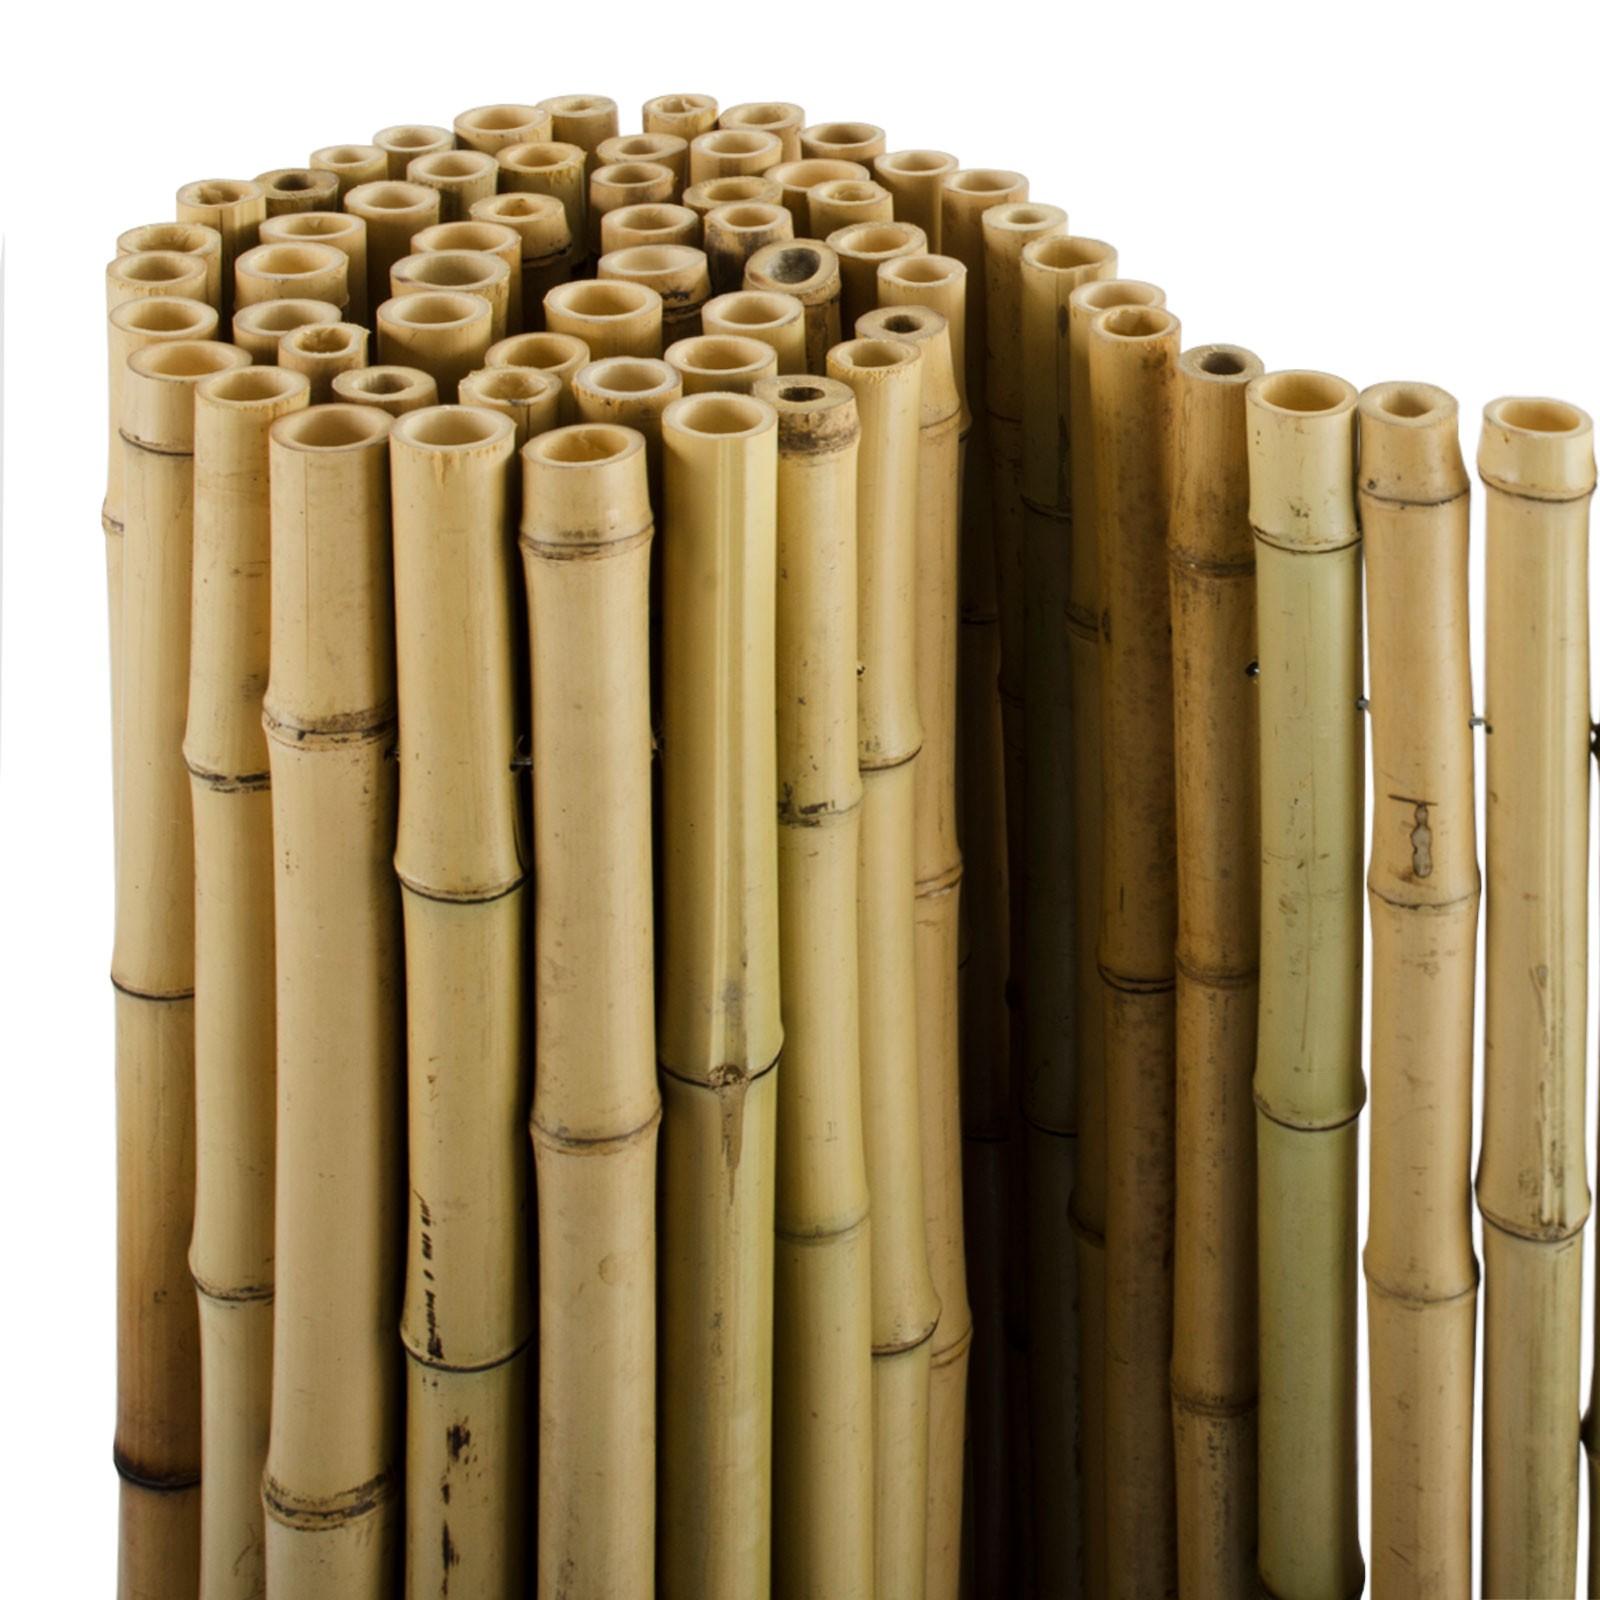 Full Size of Bambus Sichtschutz Natur 3 Gren Phyllostachys Glauca Im Garten Sichtschutzfolie Fenster Einseitig Durchsichtig Wpc Für Sichtschutzfolien Paravent Holz Wohnzimmer Sichtschutz Balkon Paravent